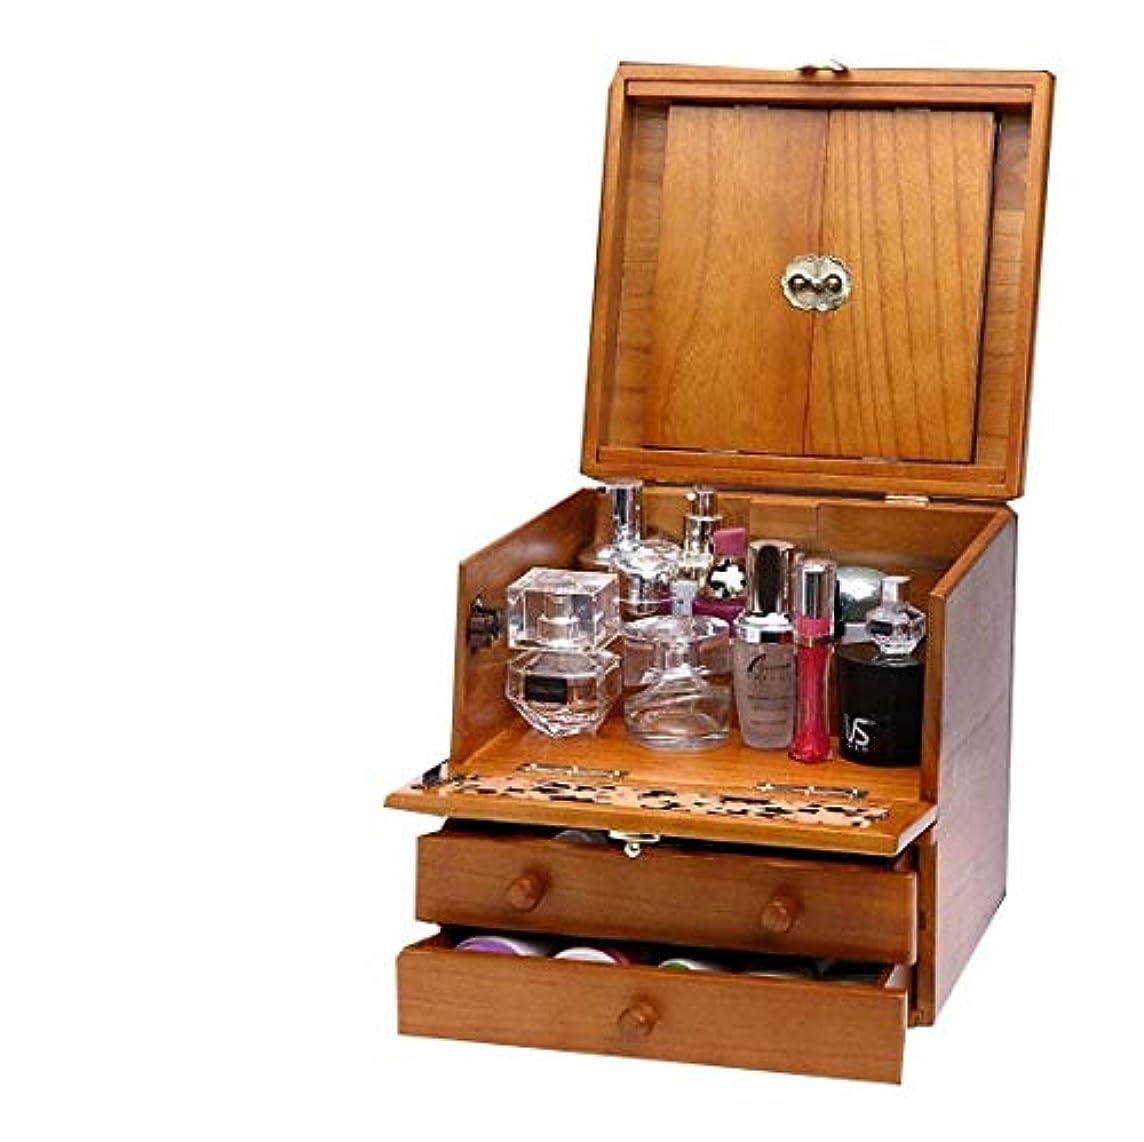 雇う余計な求人化粧箱、3層レトロ木製彫刻化粧ケース付きミラー、ハイエンドのウェディングギフト、新築祝いのギフト、美容ネイルジュエリー収納ボックス